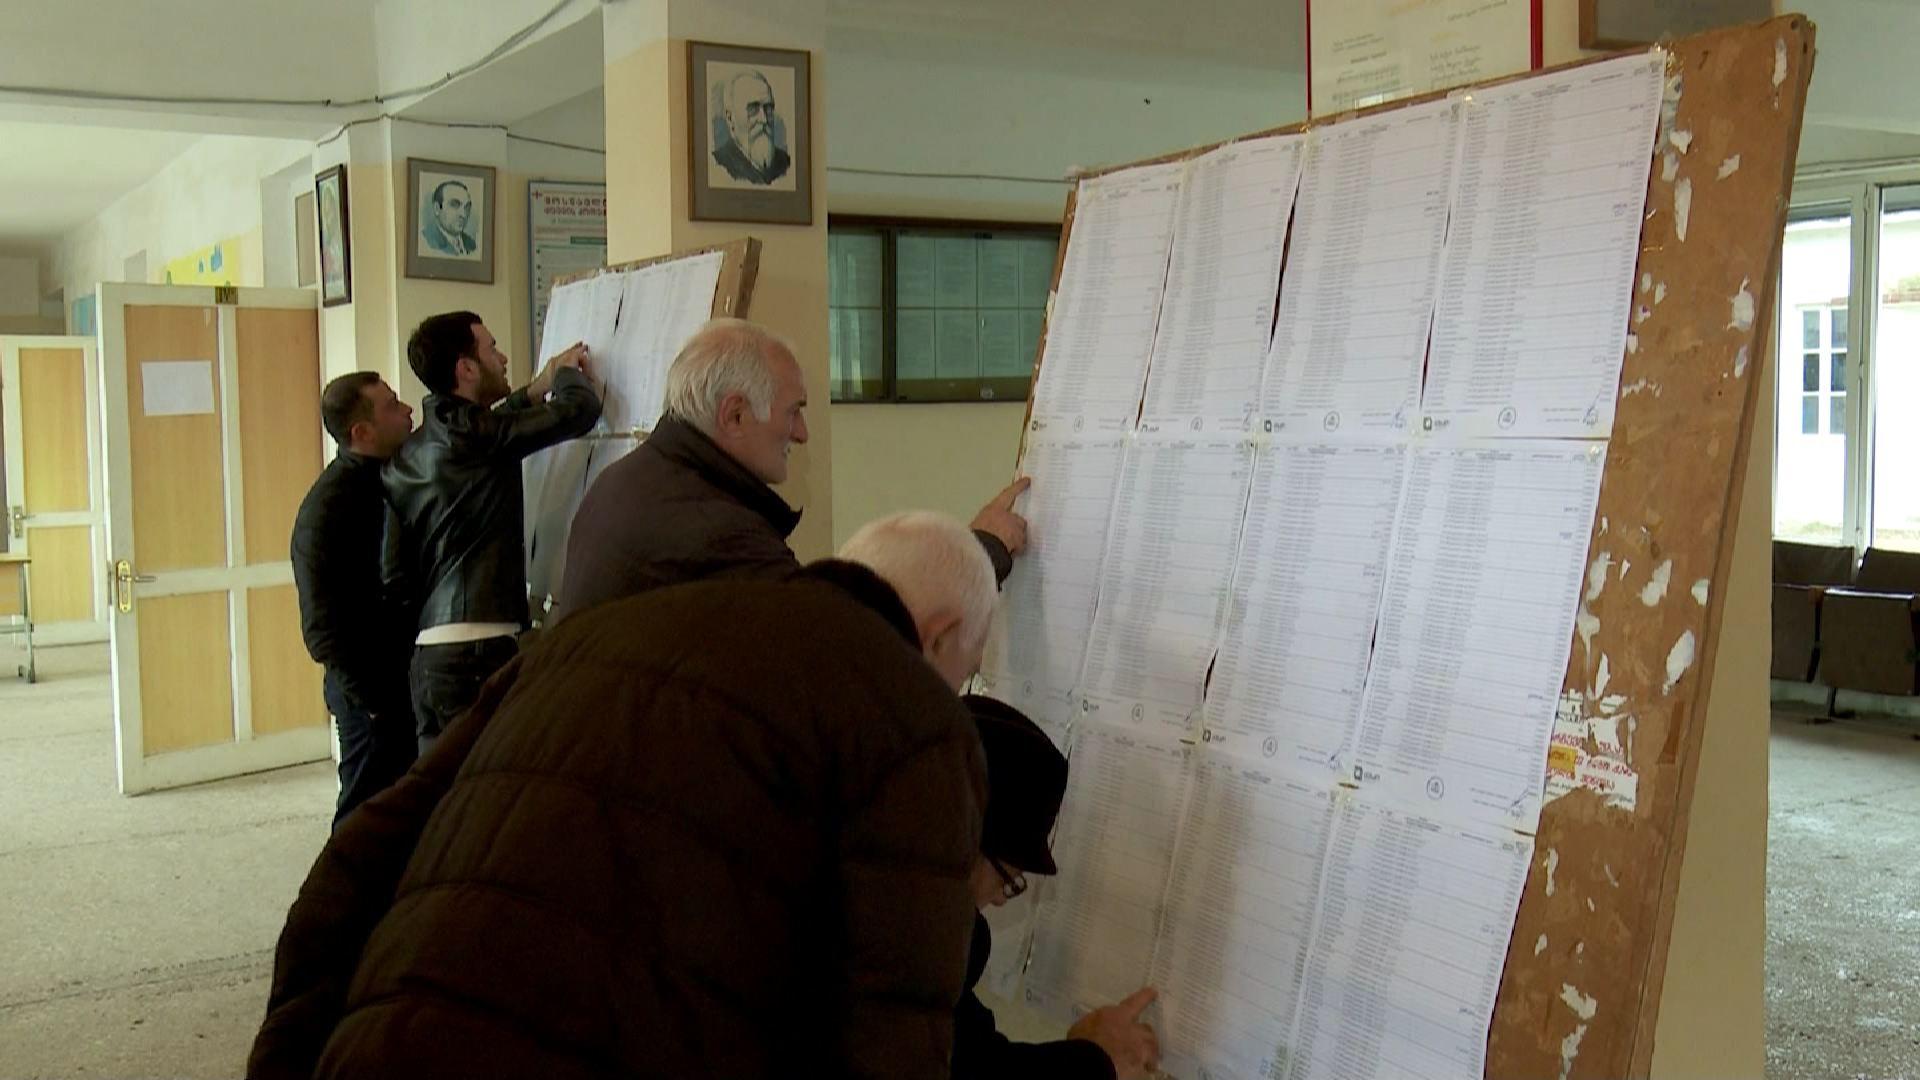 საპრეზიდენტო არჩევნების მეორე ტურის შედეგები შეაფასეს აჭარაში